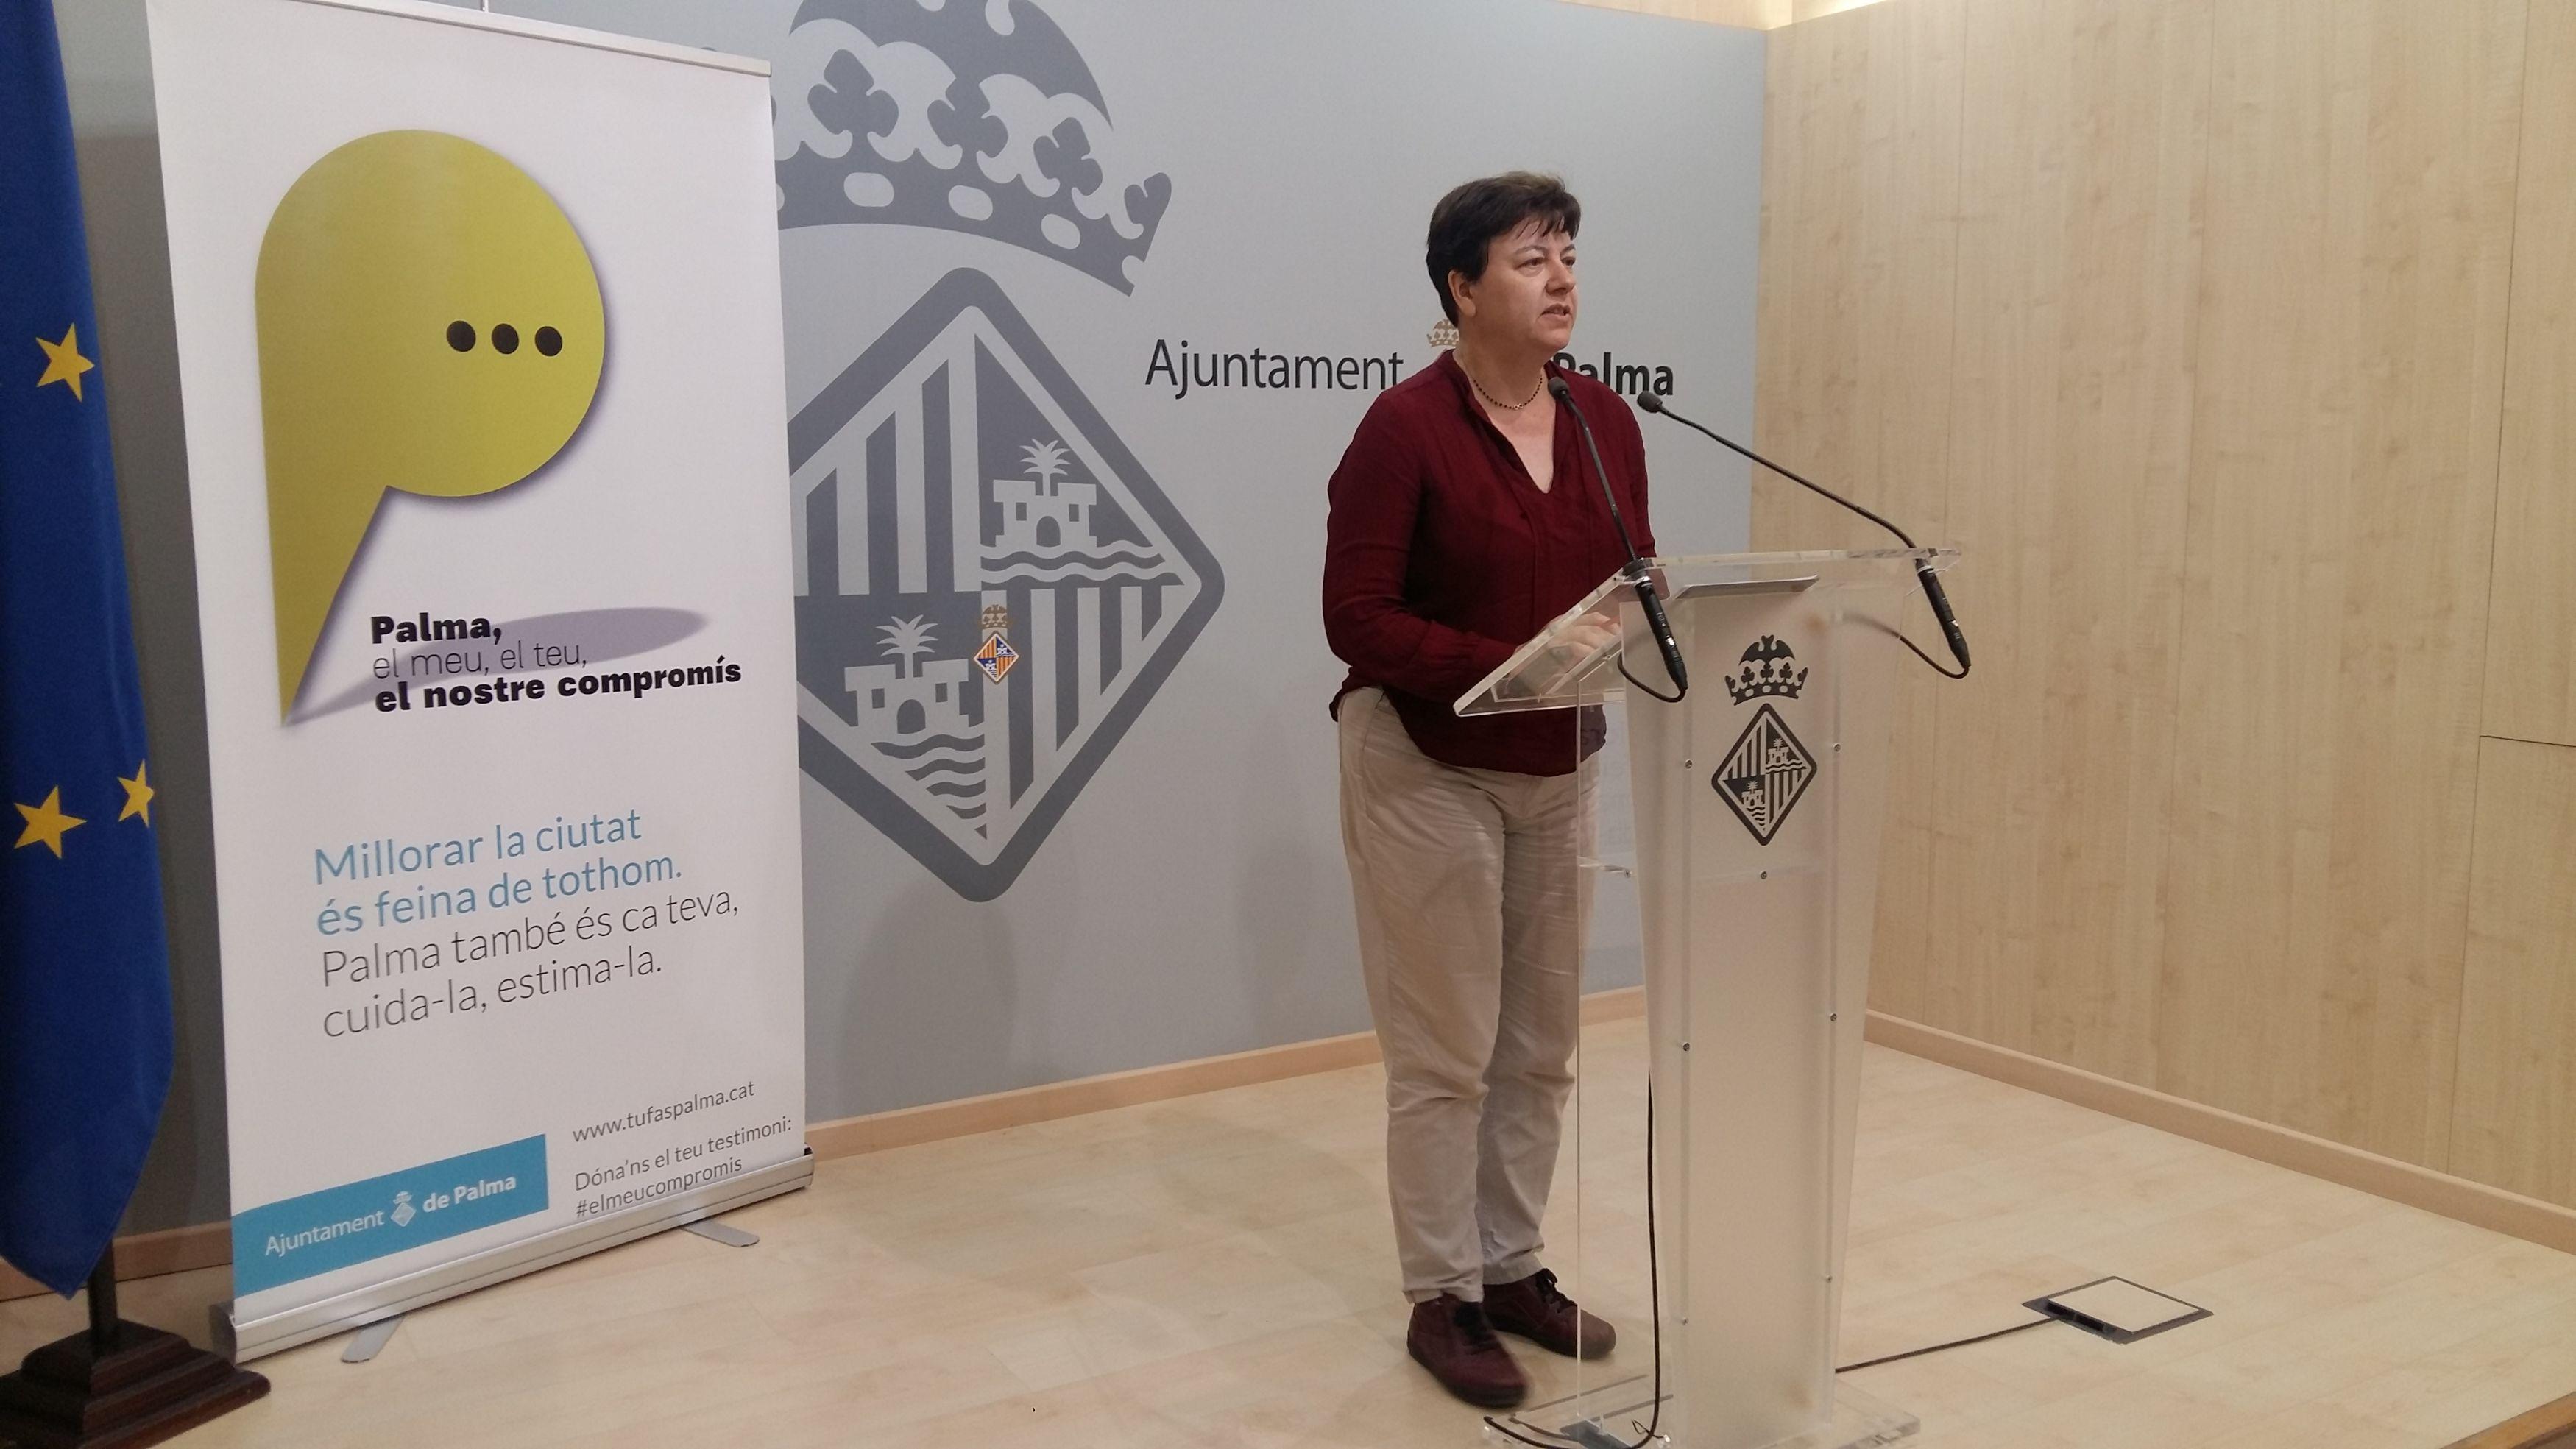 30.000 euros para eurotaxis y seguridad en Palma de Mallorca